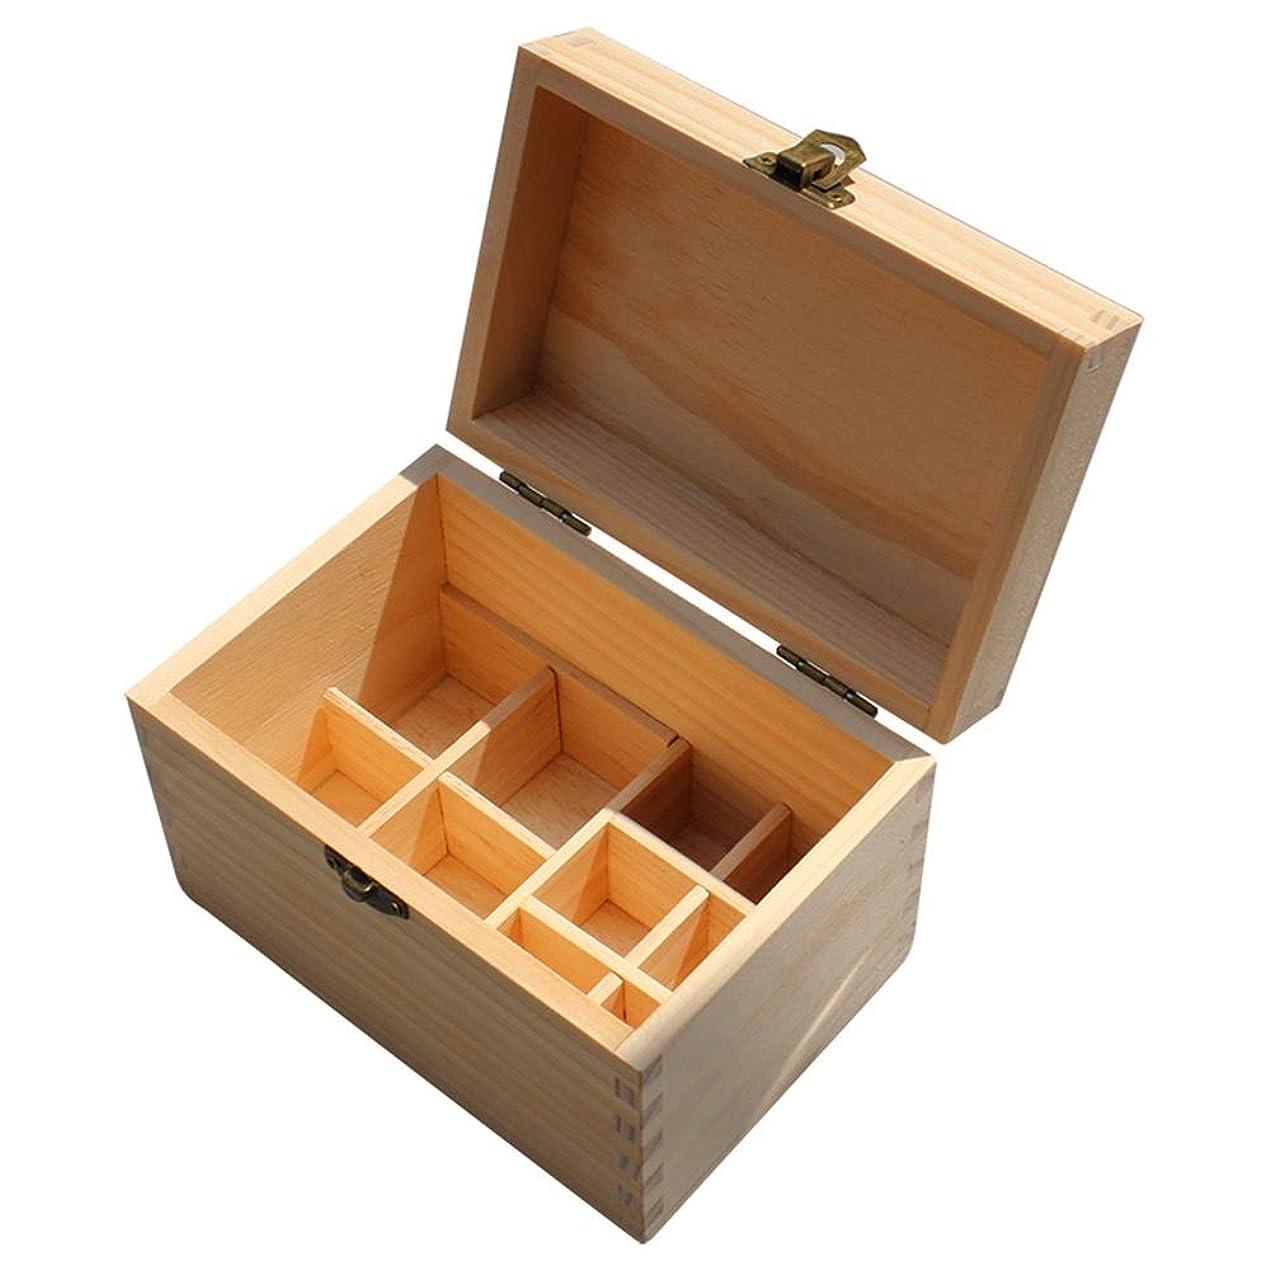 ライバル含むデッド10スロット木エッセンシャルオイルボックスオーガナイザーパーフェクトエッセンシャルオイルケース 香水フレグランス (色 : Natural, サイズ : 16.2X10.8X11CM)